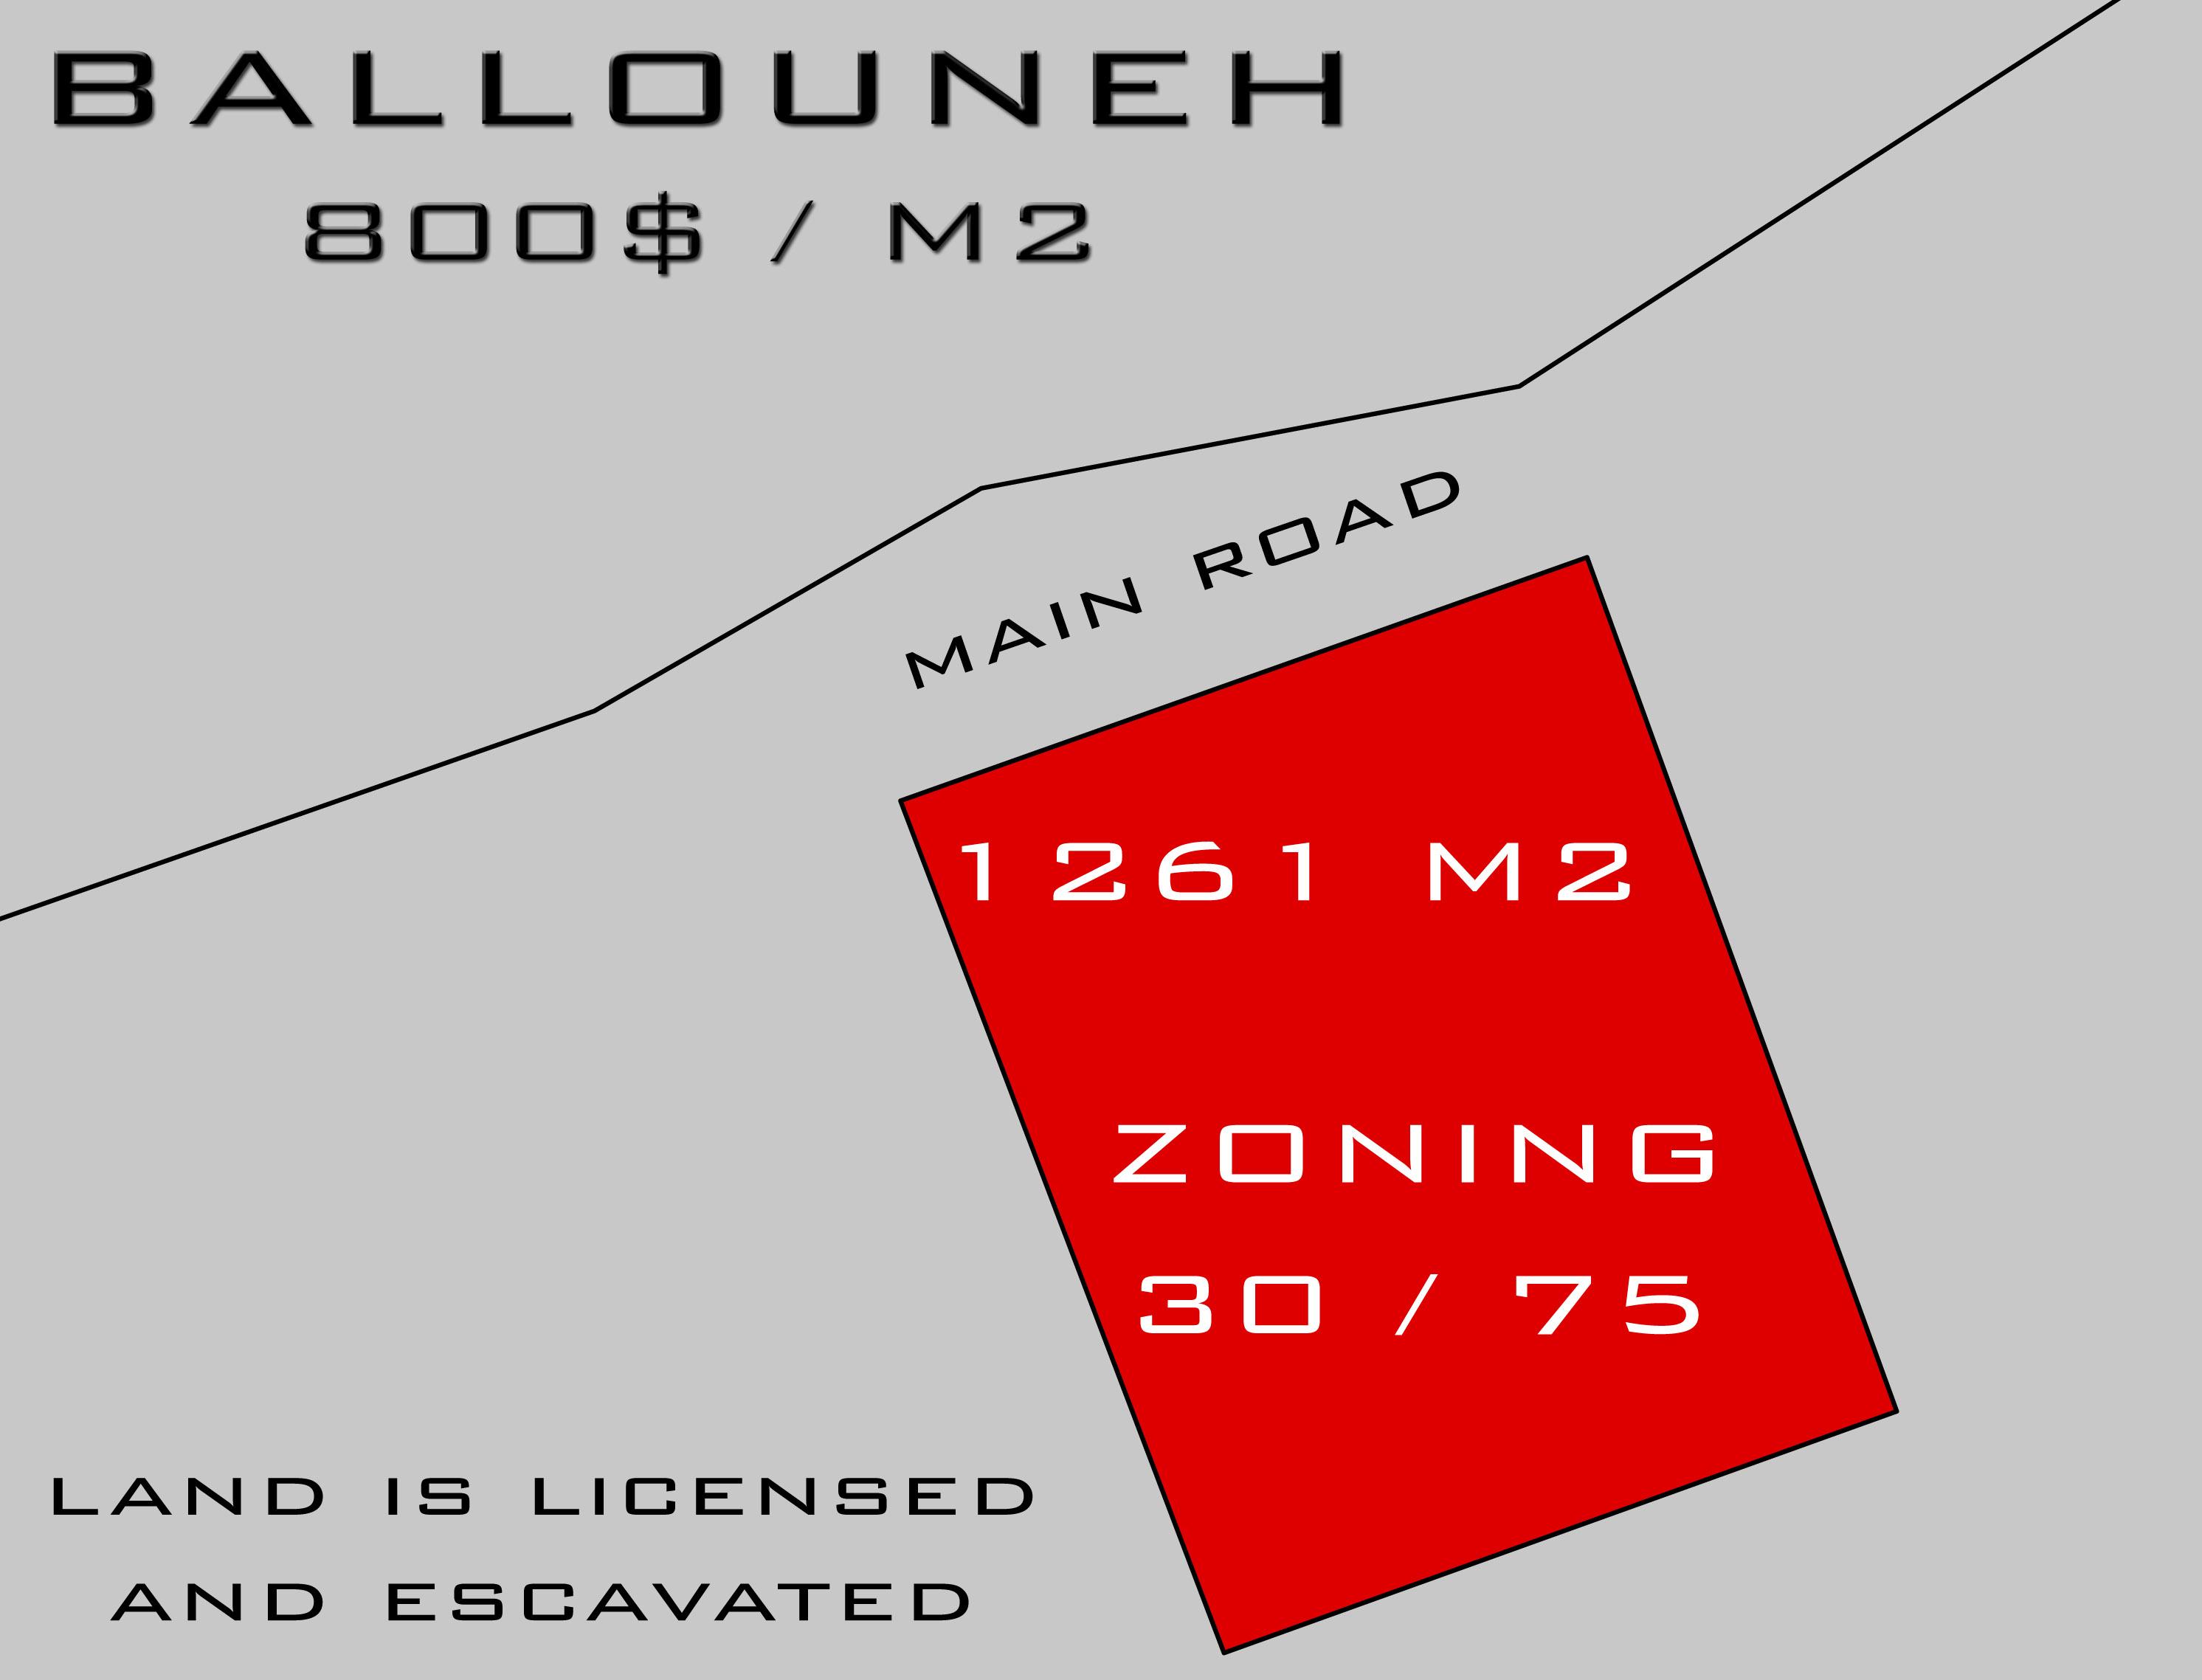 Land for sale in keserwan lebanon - Real estate in lebanon - Buy and sell properties in lebanon